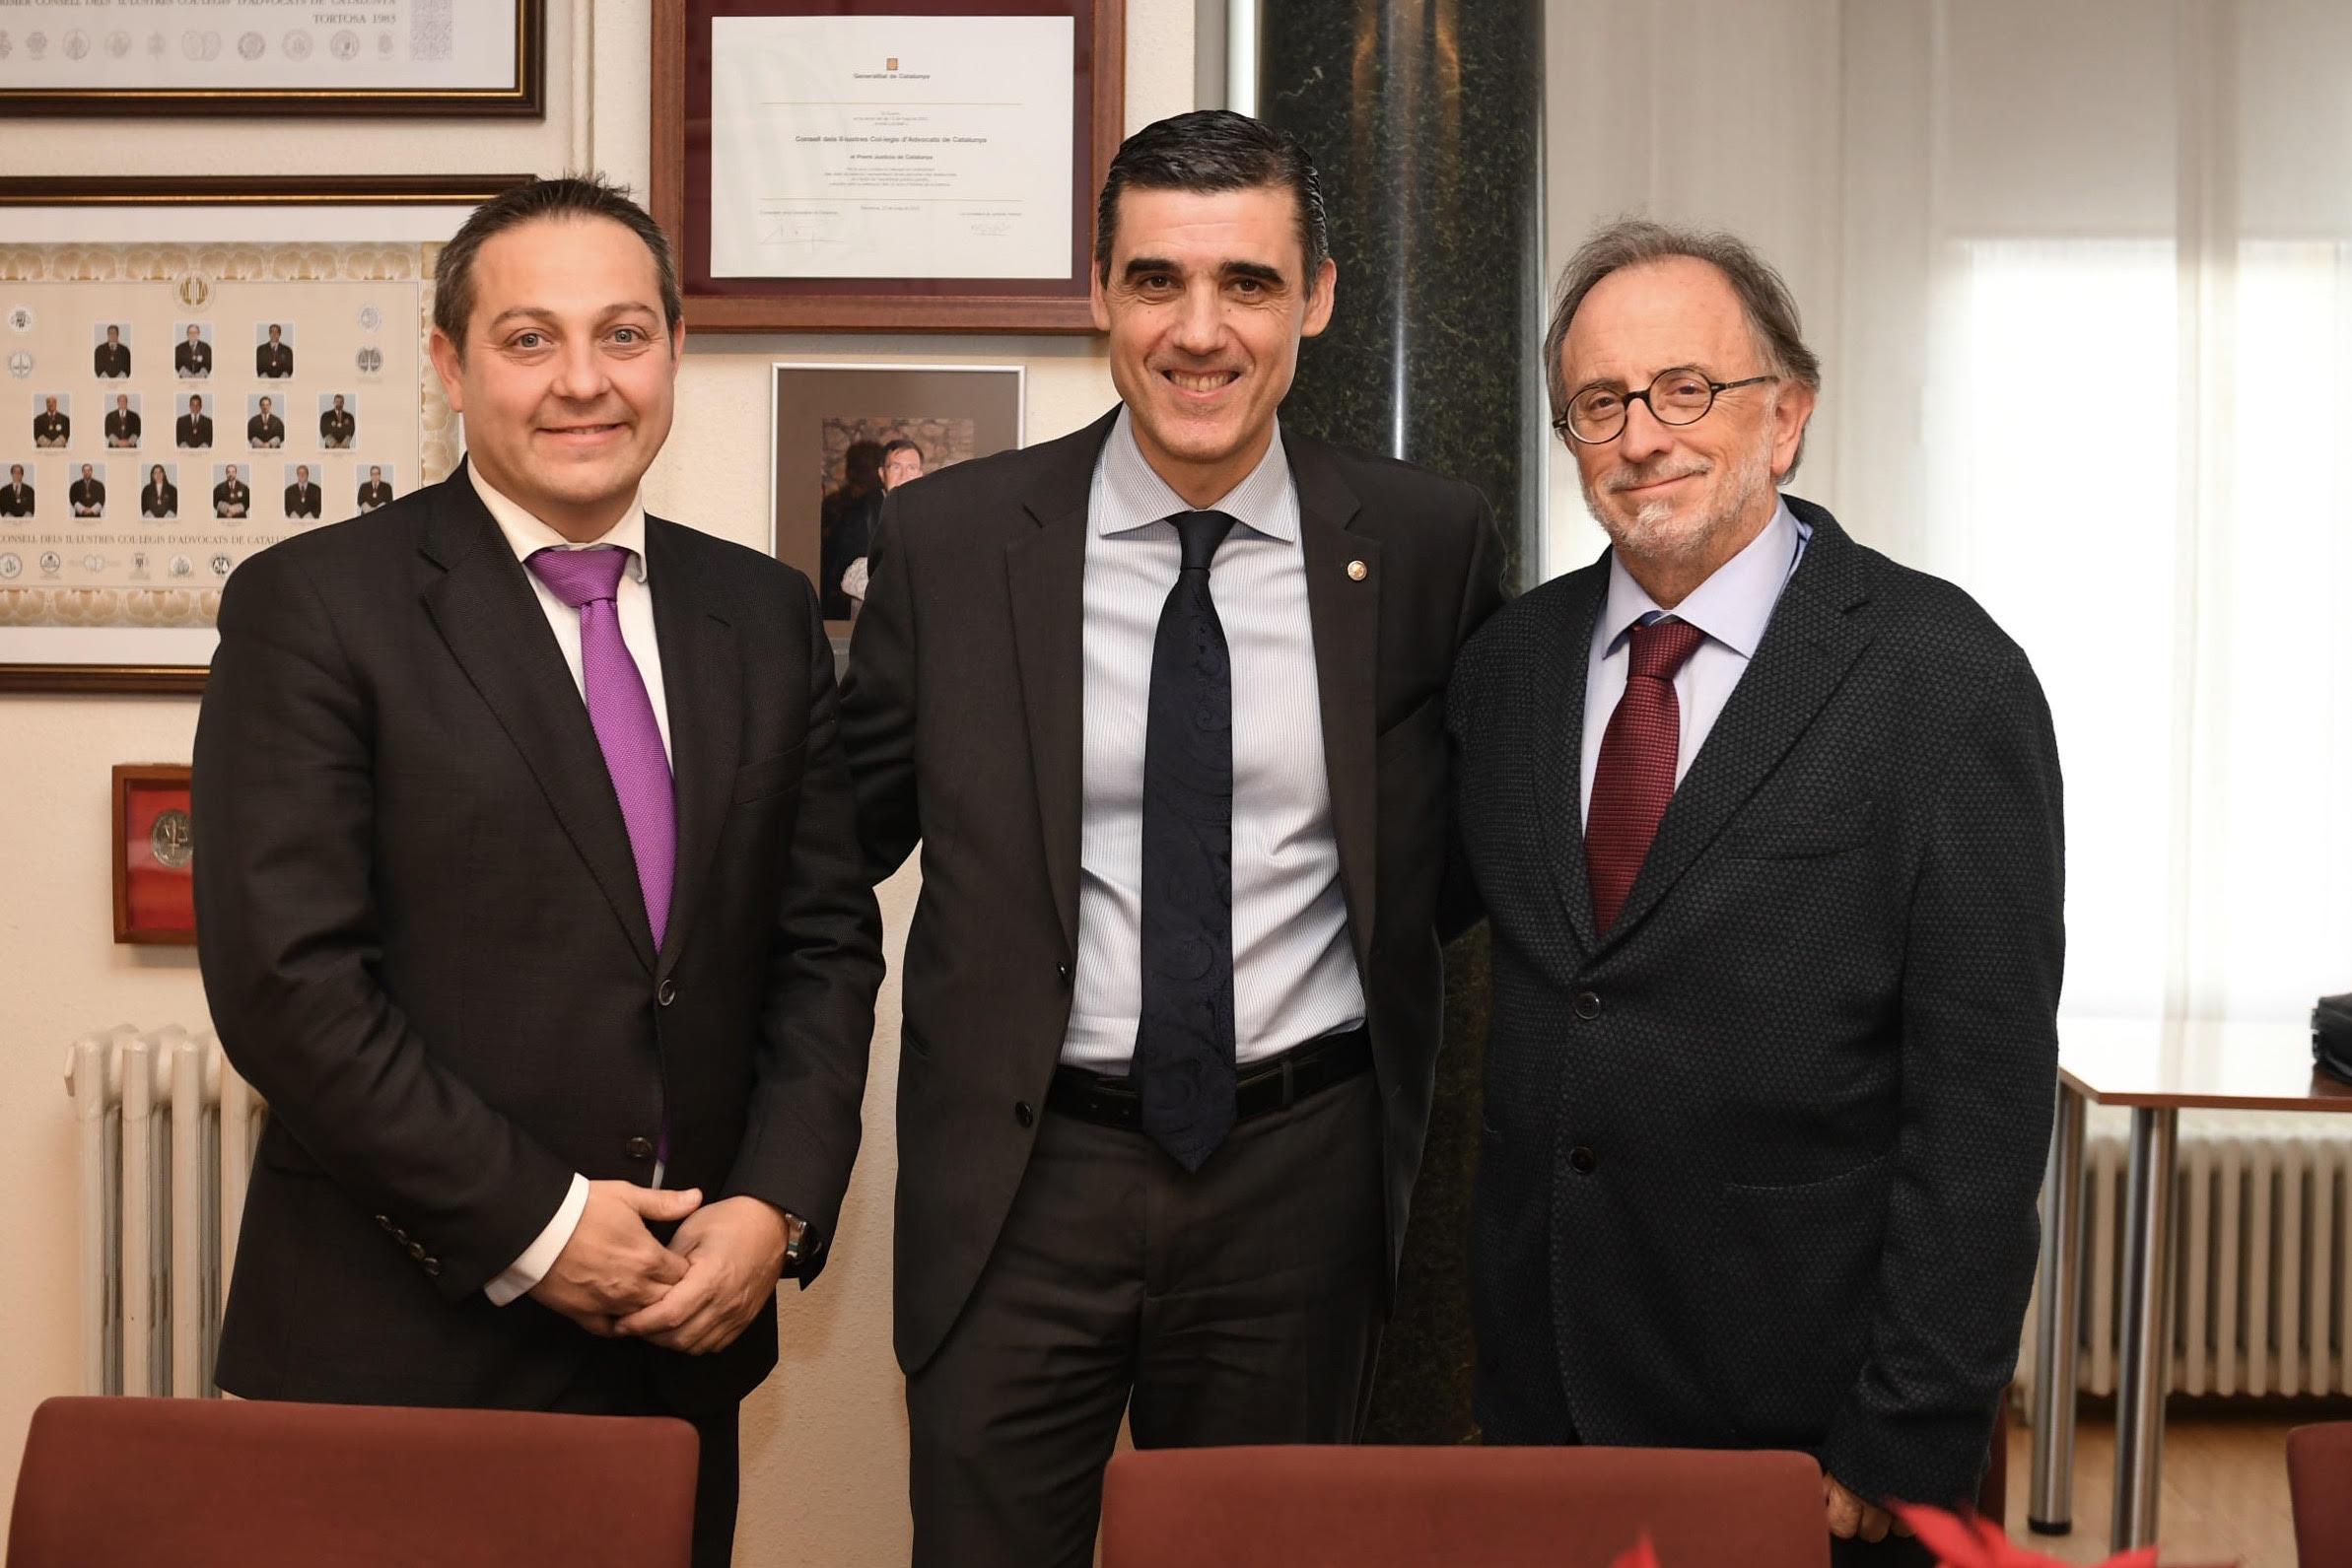 Consell de l'Advocacia Catalana